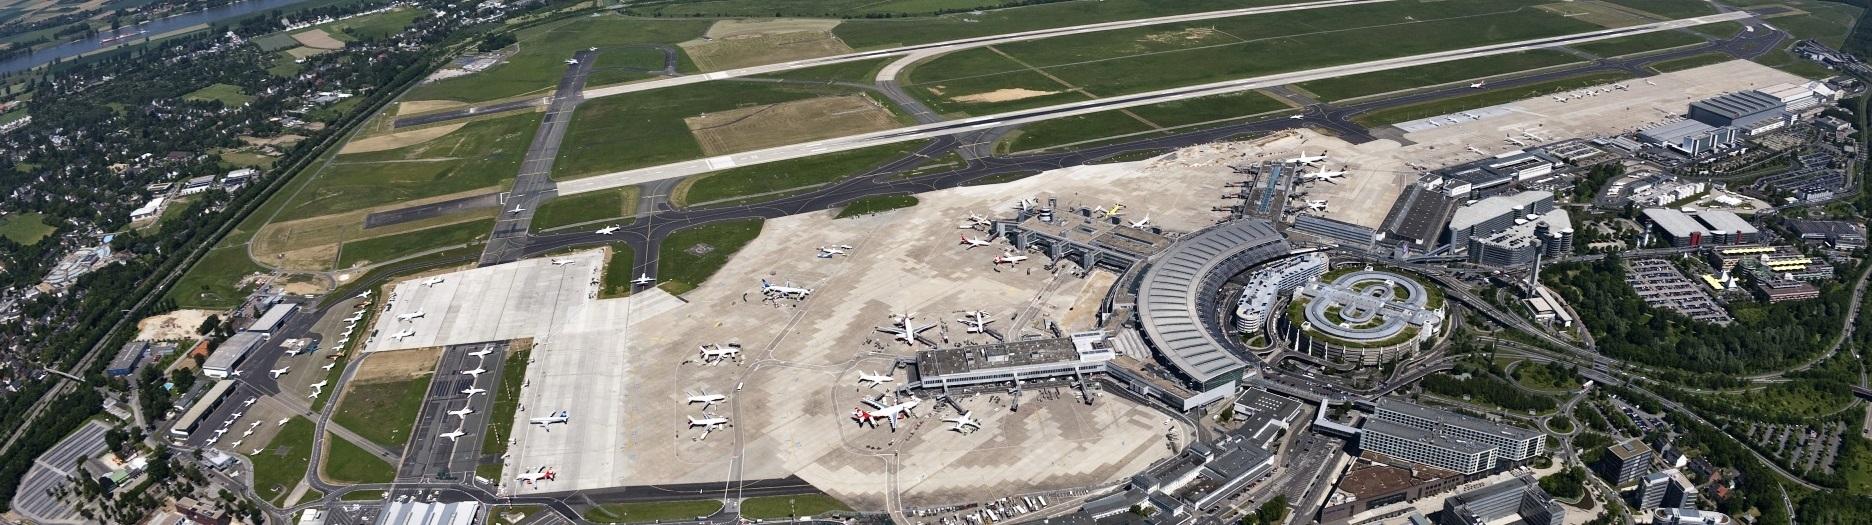 Airport_DUS